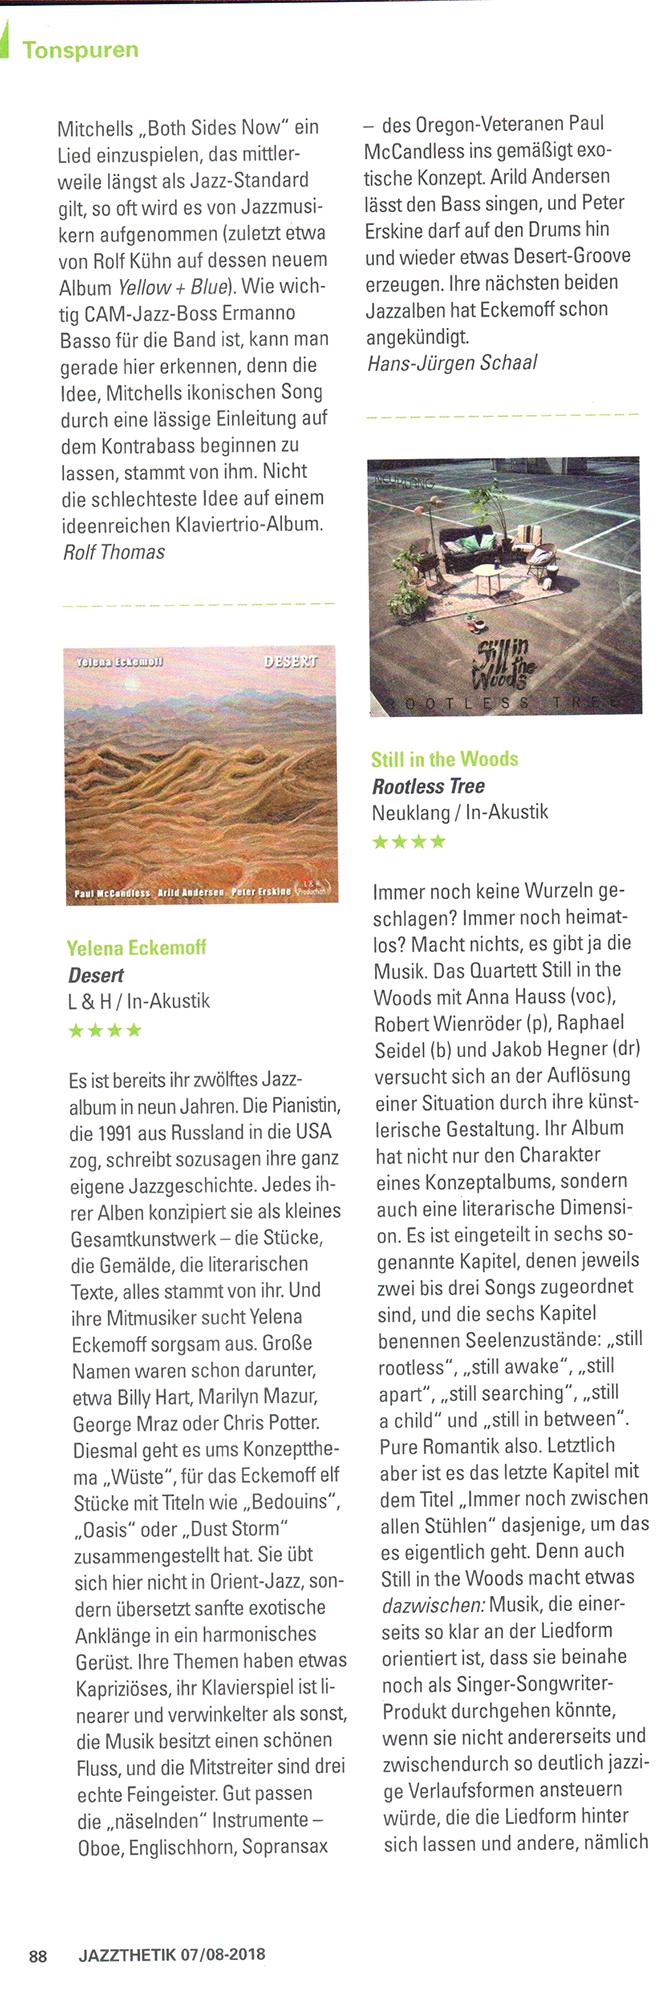 Desert in Jazzthetik 7 8 2018